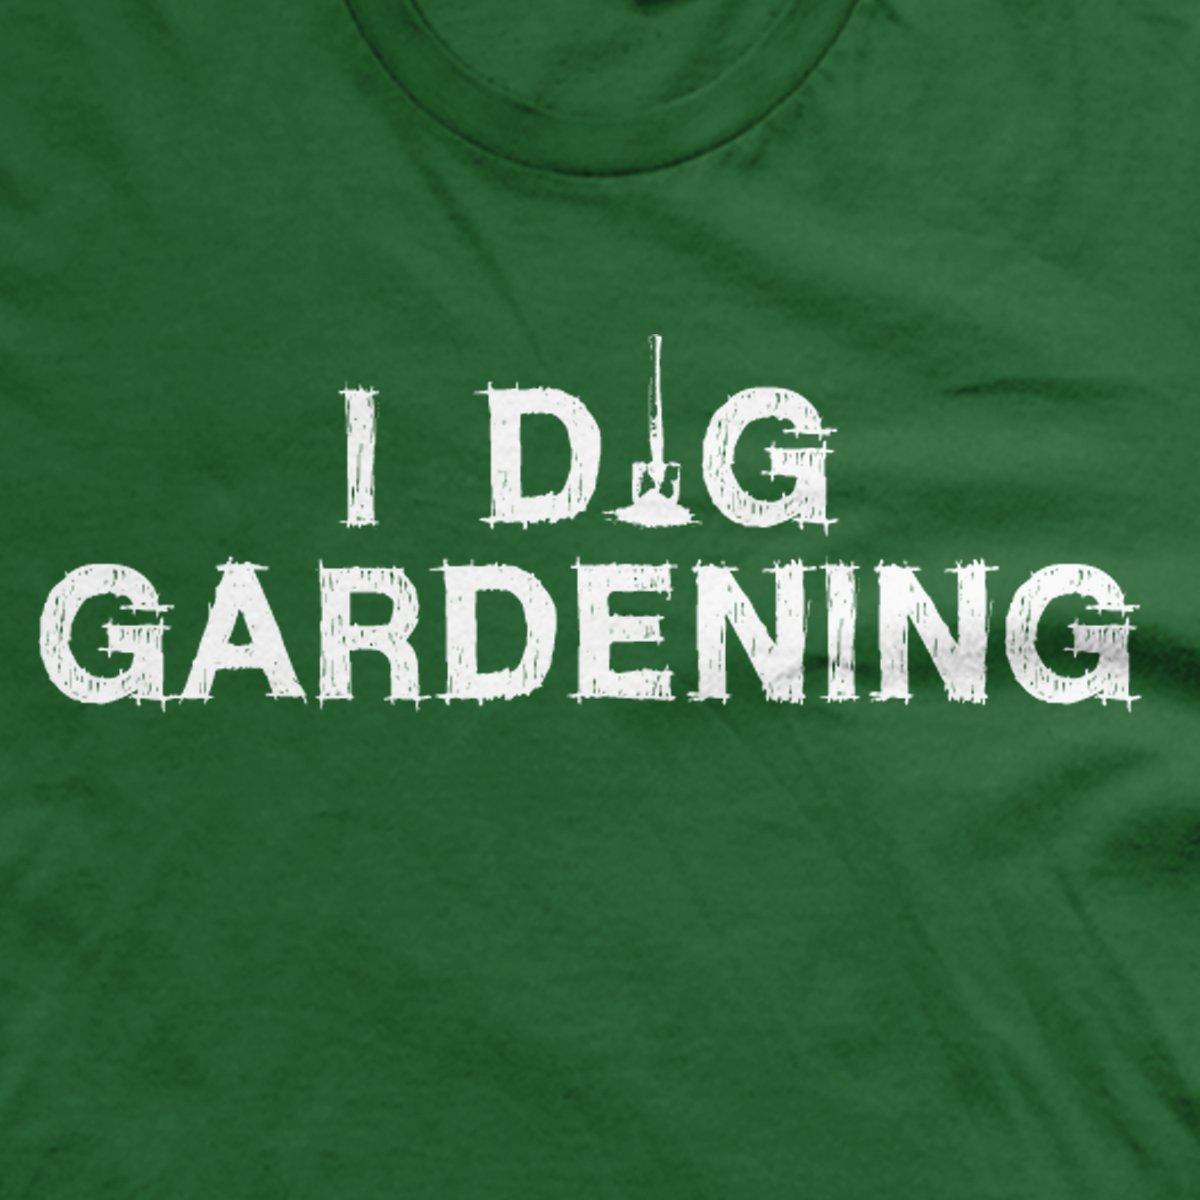 I Dig Gardening t-shirt